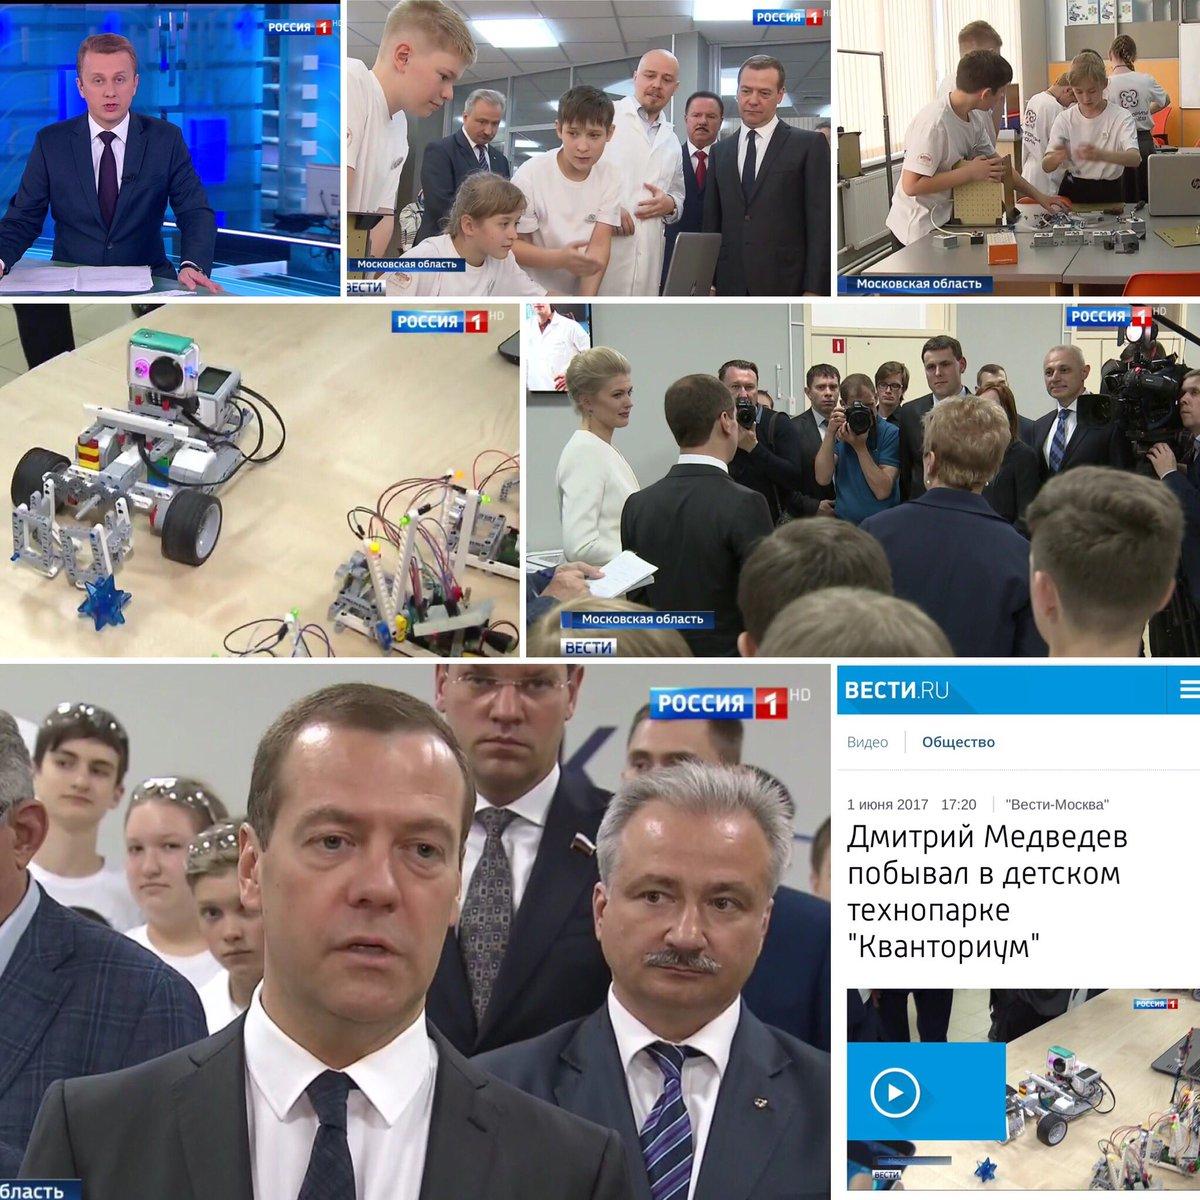 Тв россия 1 вести хакасия - 49f